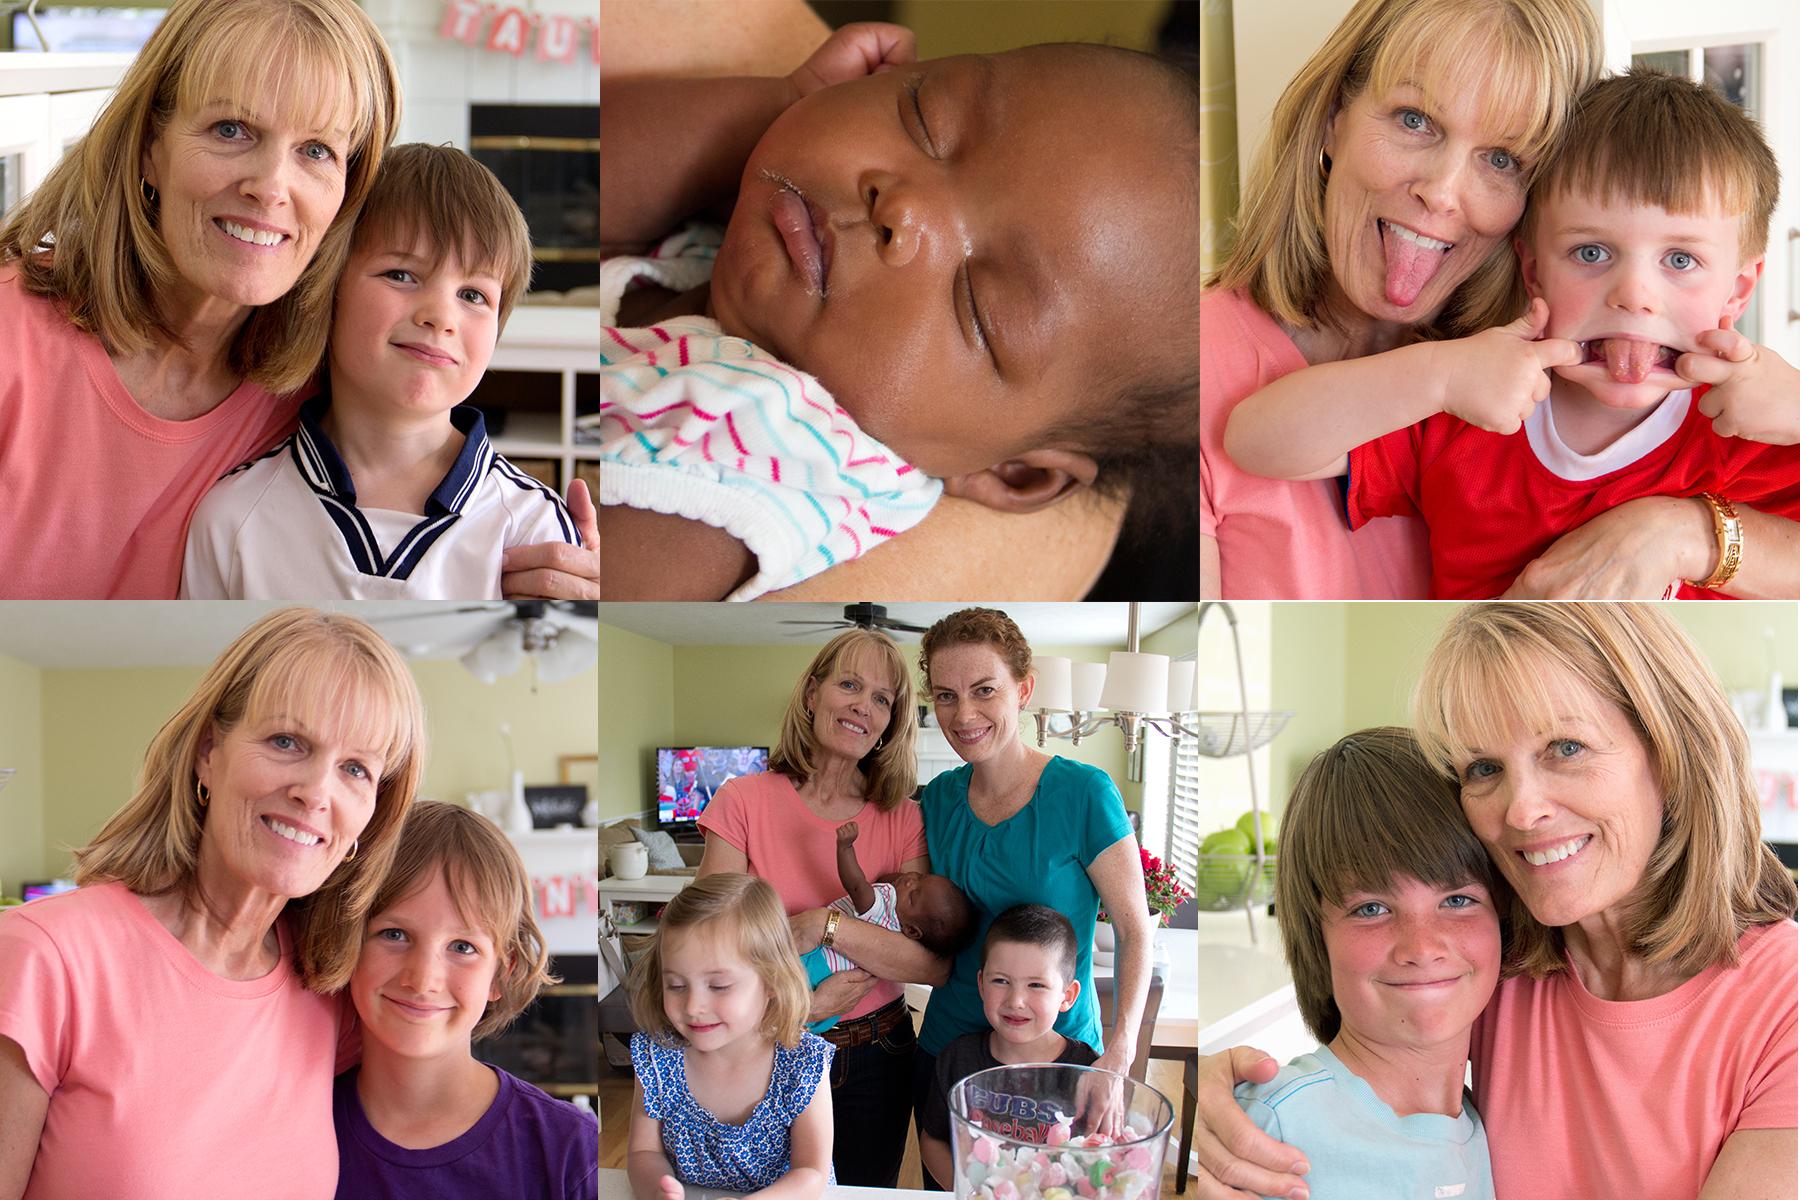 Taunya and various kiddos